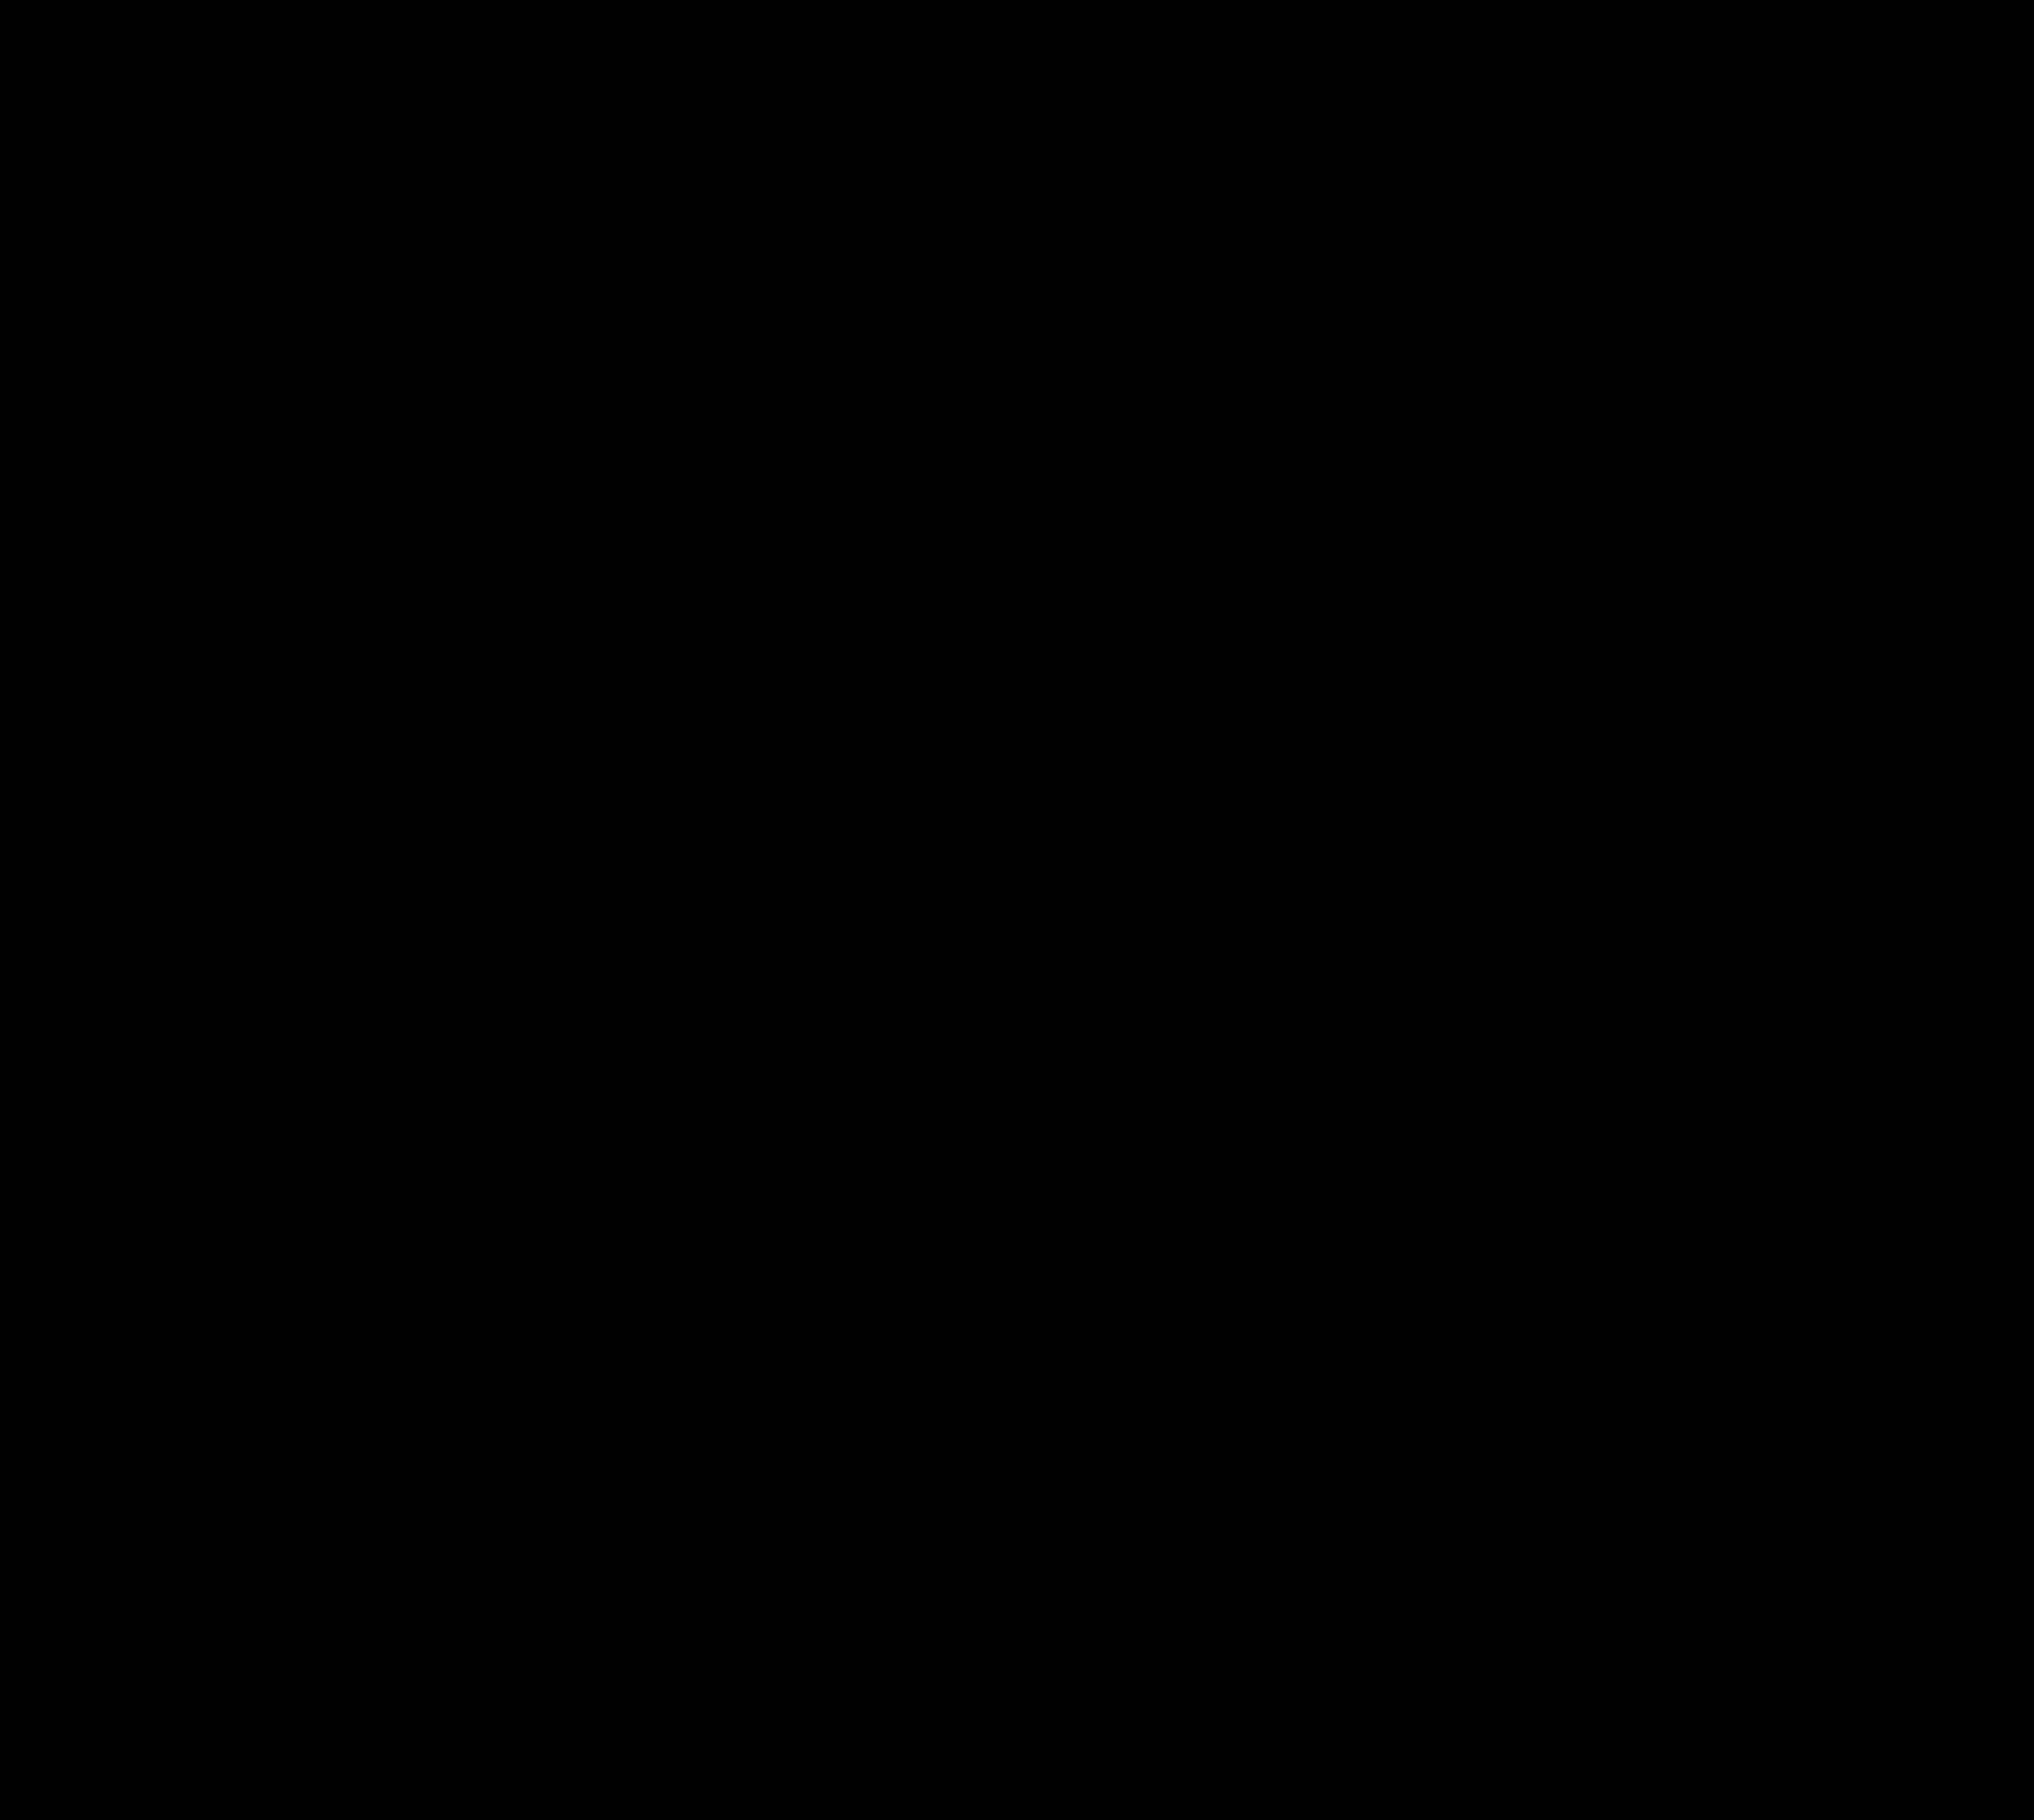 SHOWX Logo (black)